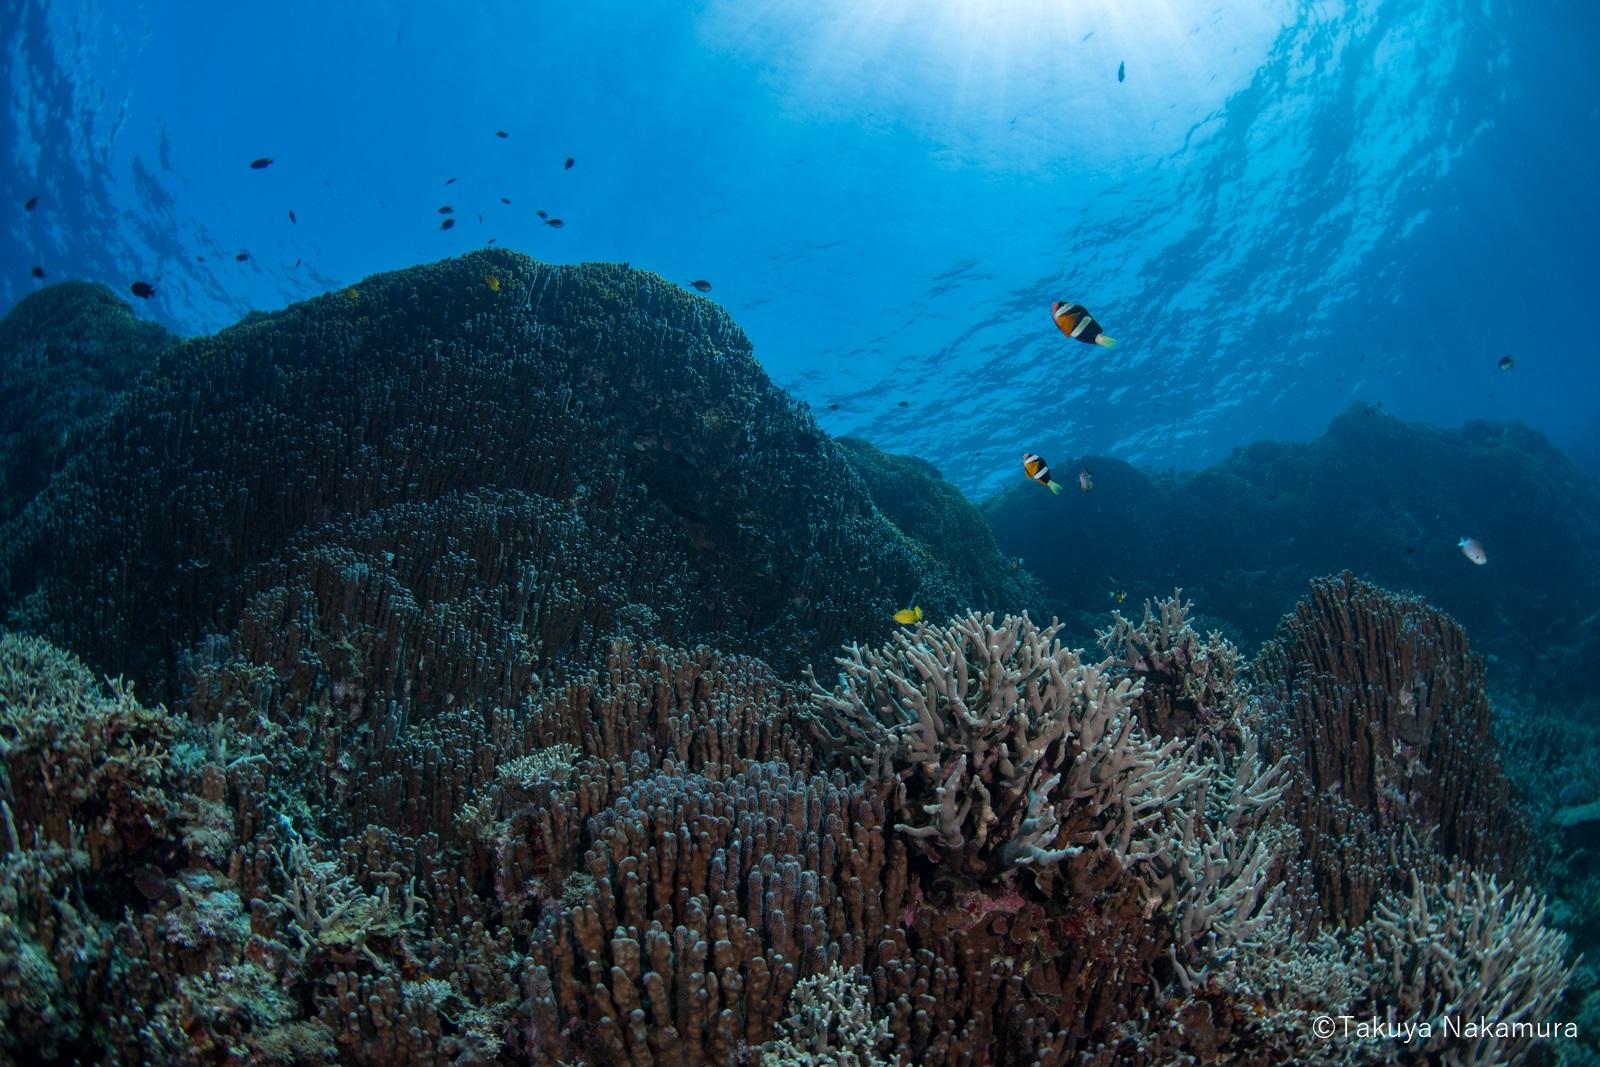 「縄文サンゴ」とも呼ばれる辺野古・大浦湾のアオサンゴ